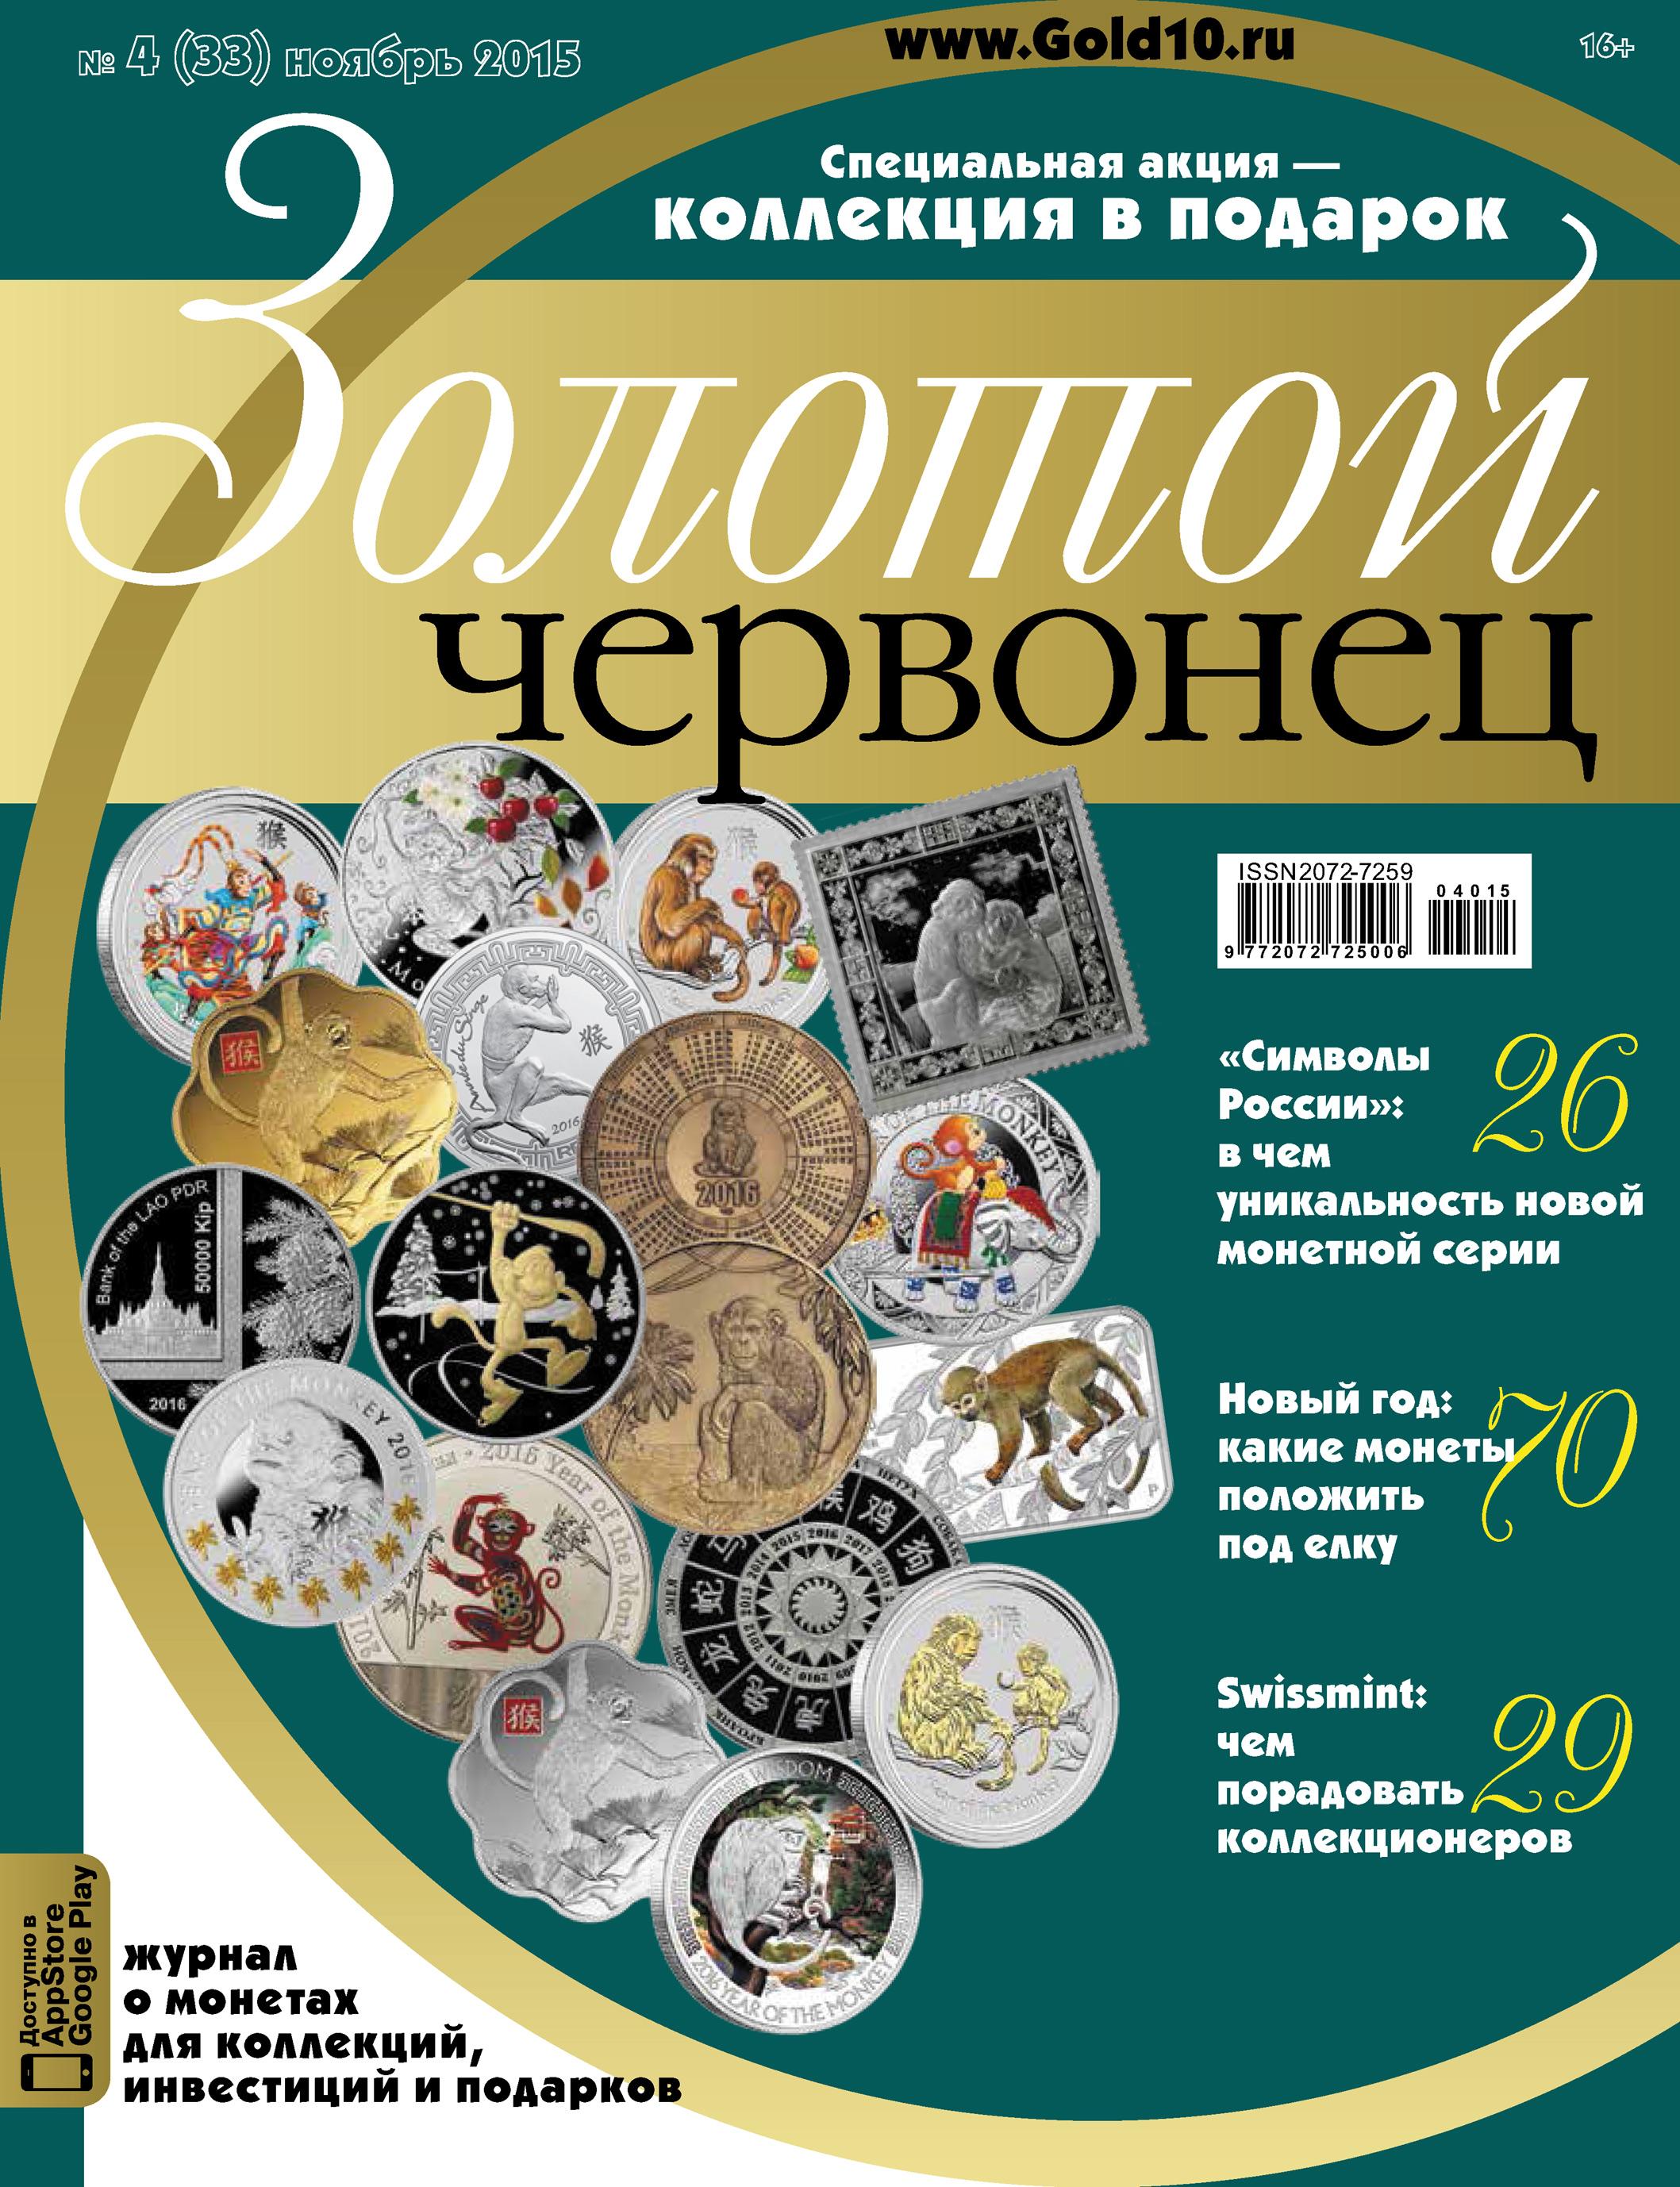 Отсутствует Золотой червонец №4 (33) 2015